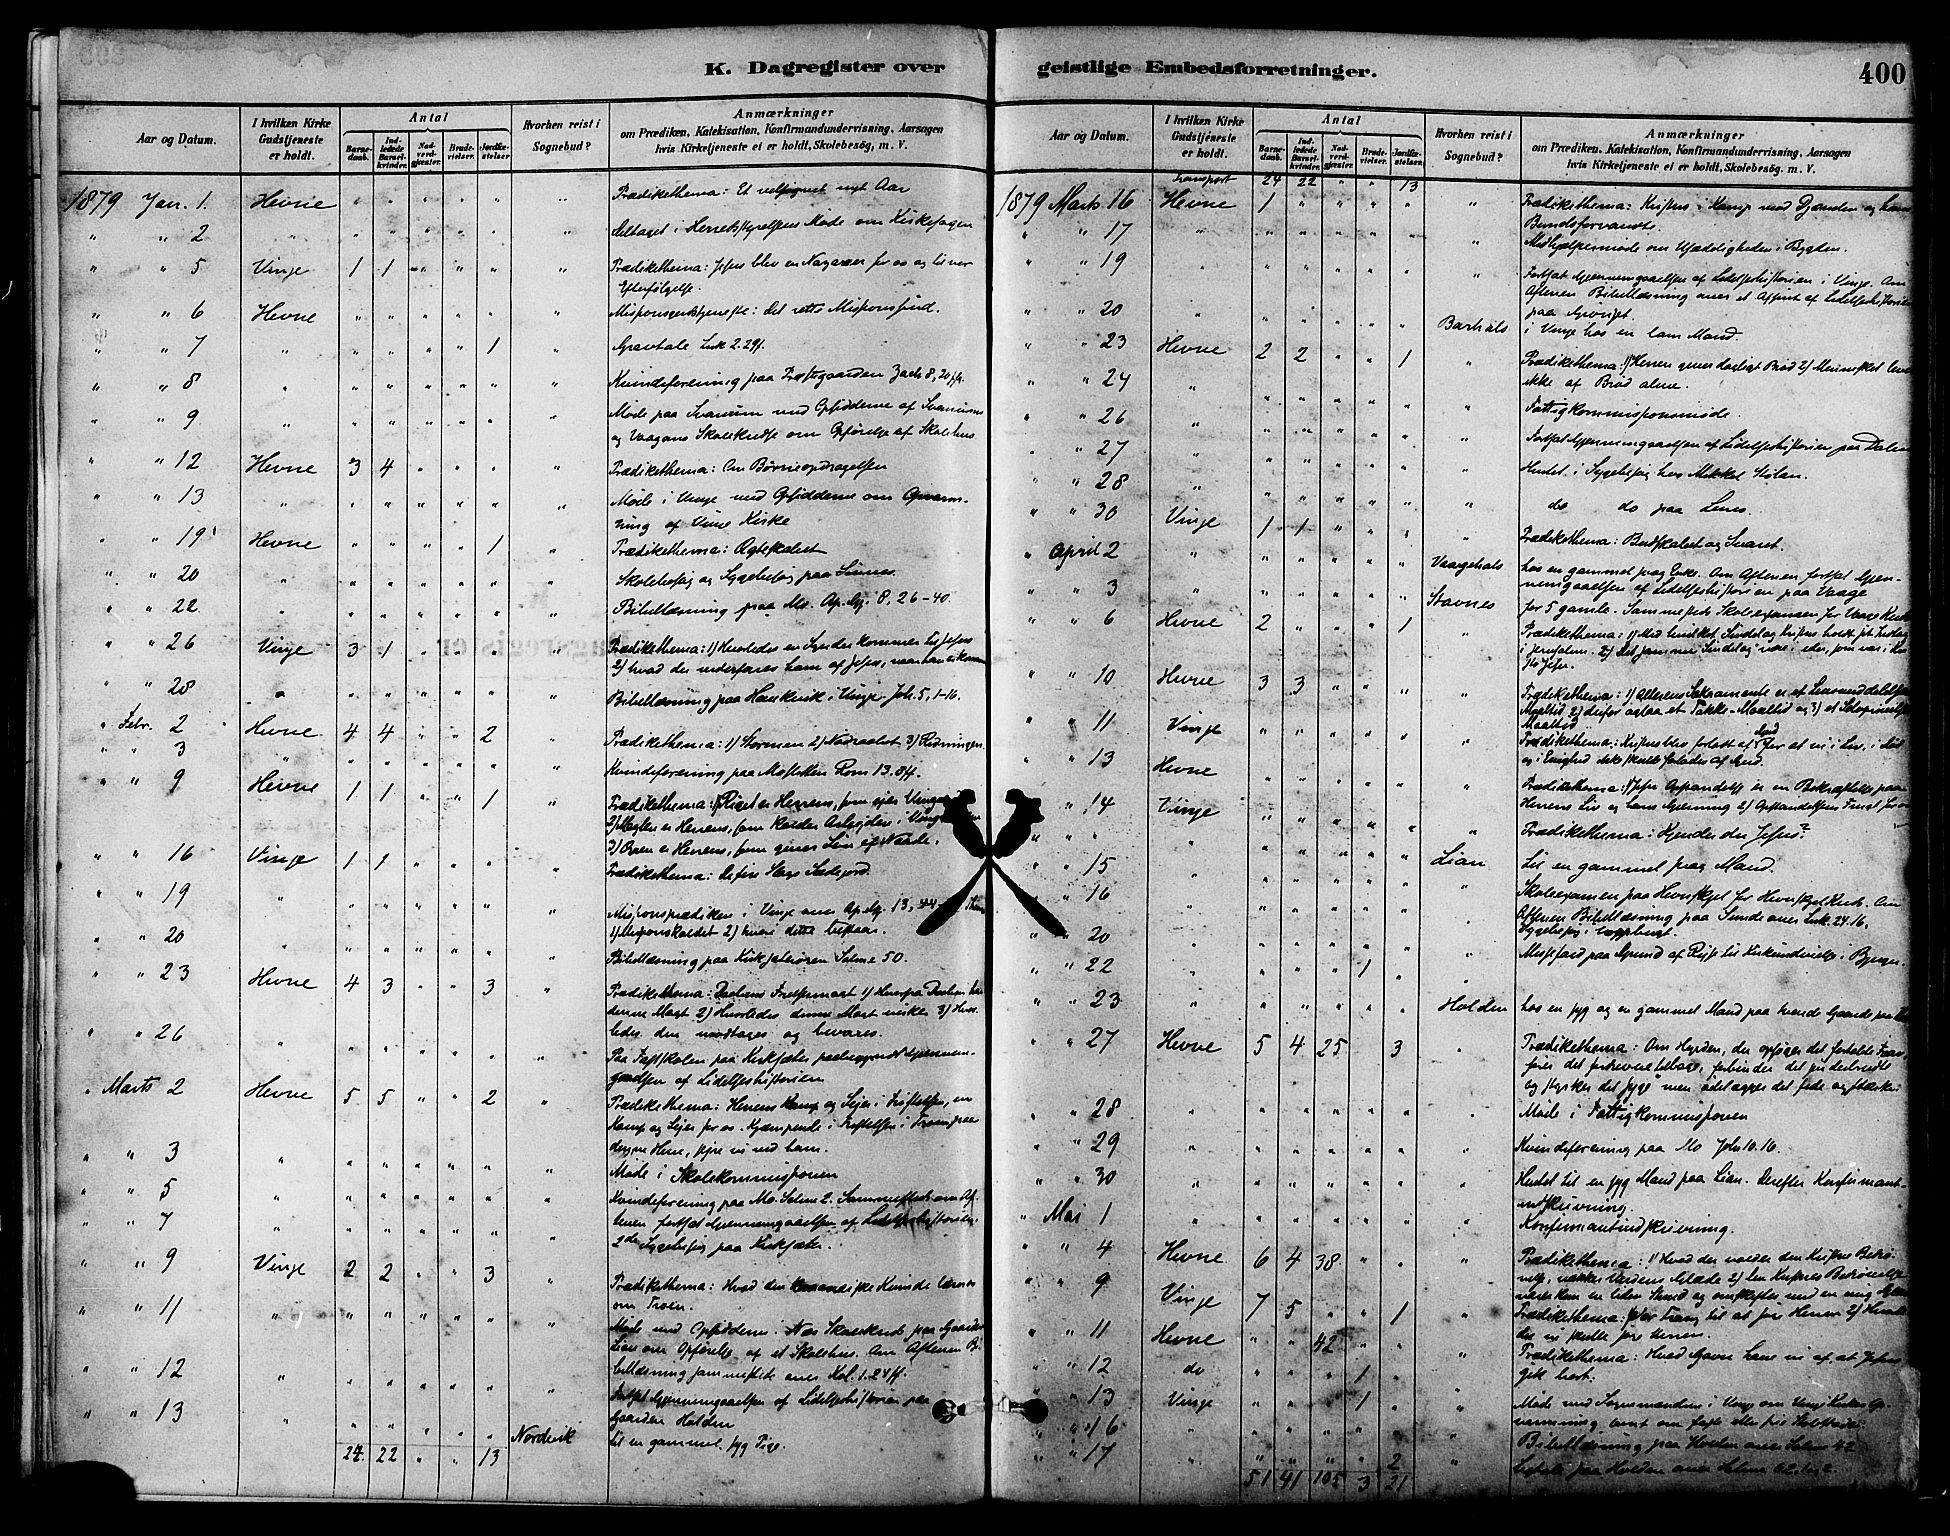 SAT, Ministerialprotokoller, klokkerbøker og fødselsregistre - Sør-Trøndelag, 630/L0496: Ministerialbok nr. 630A09, 1879-1895, s. 400